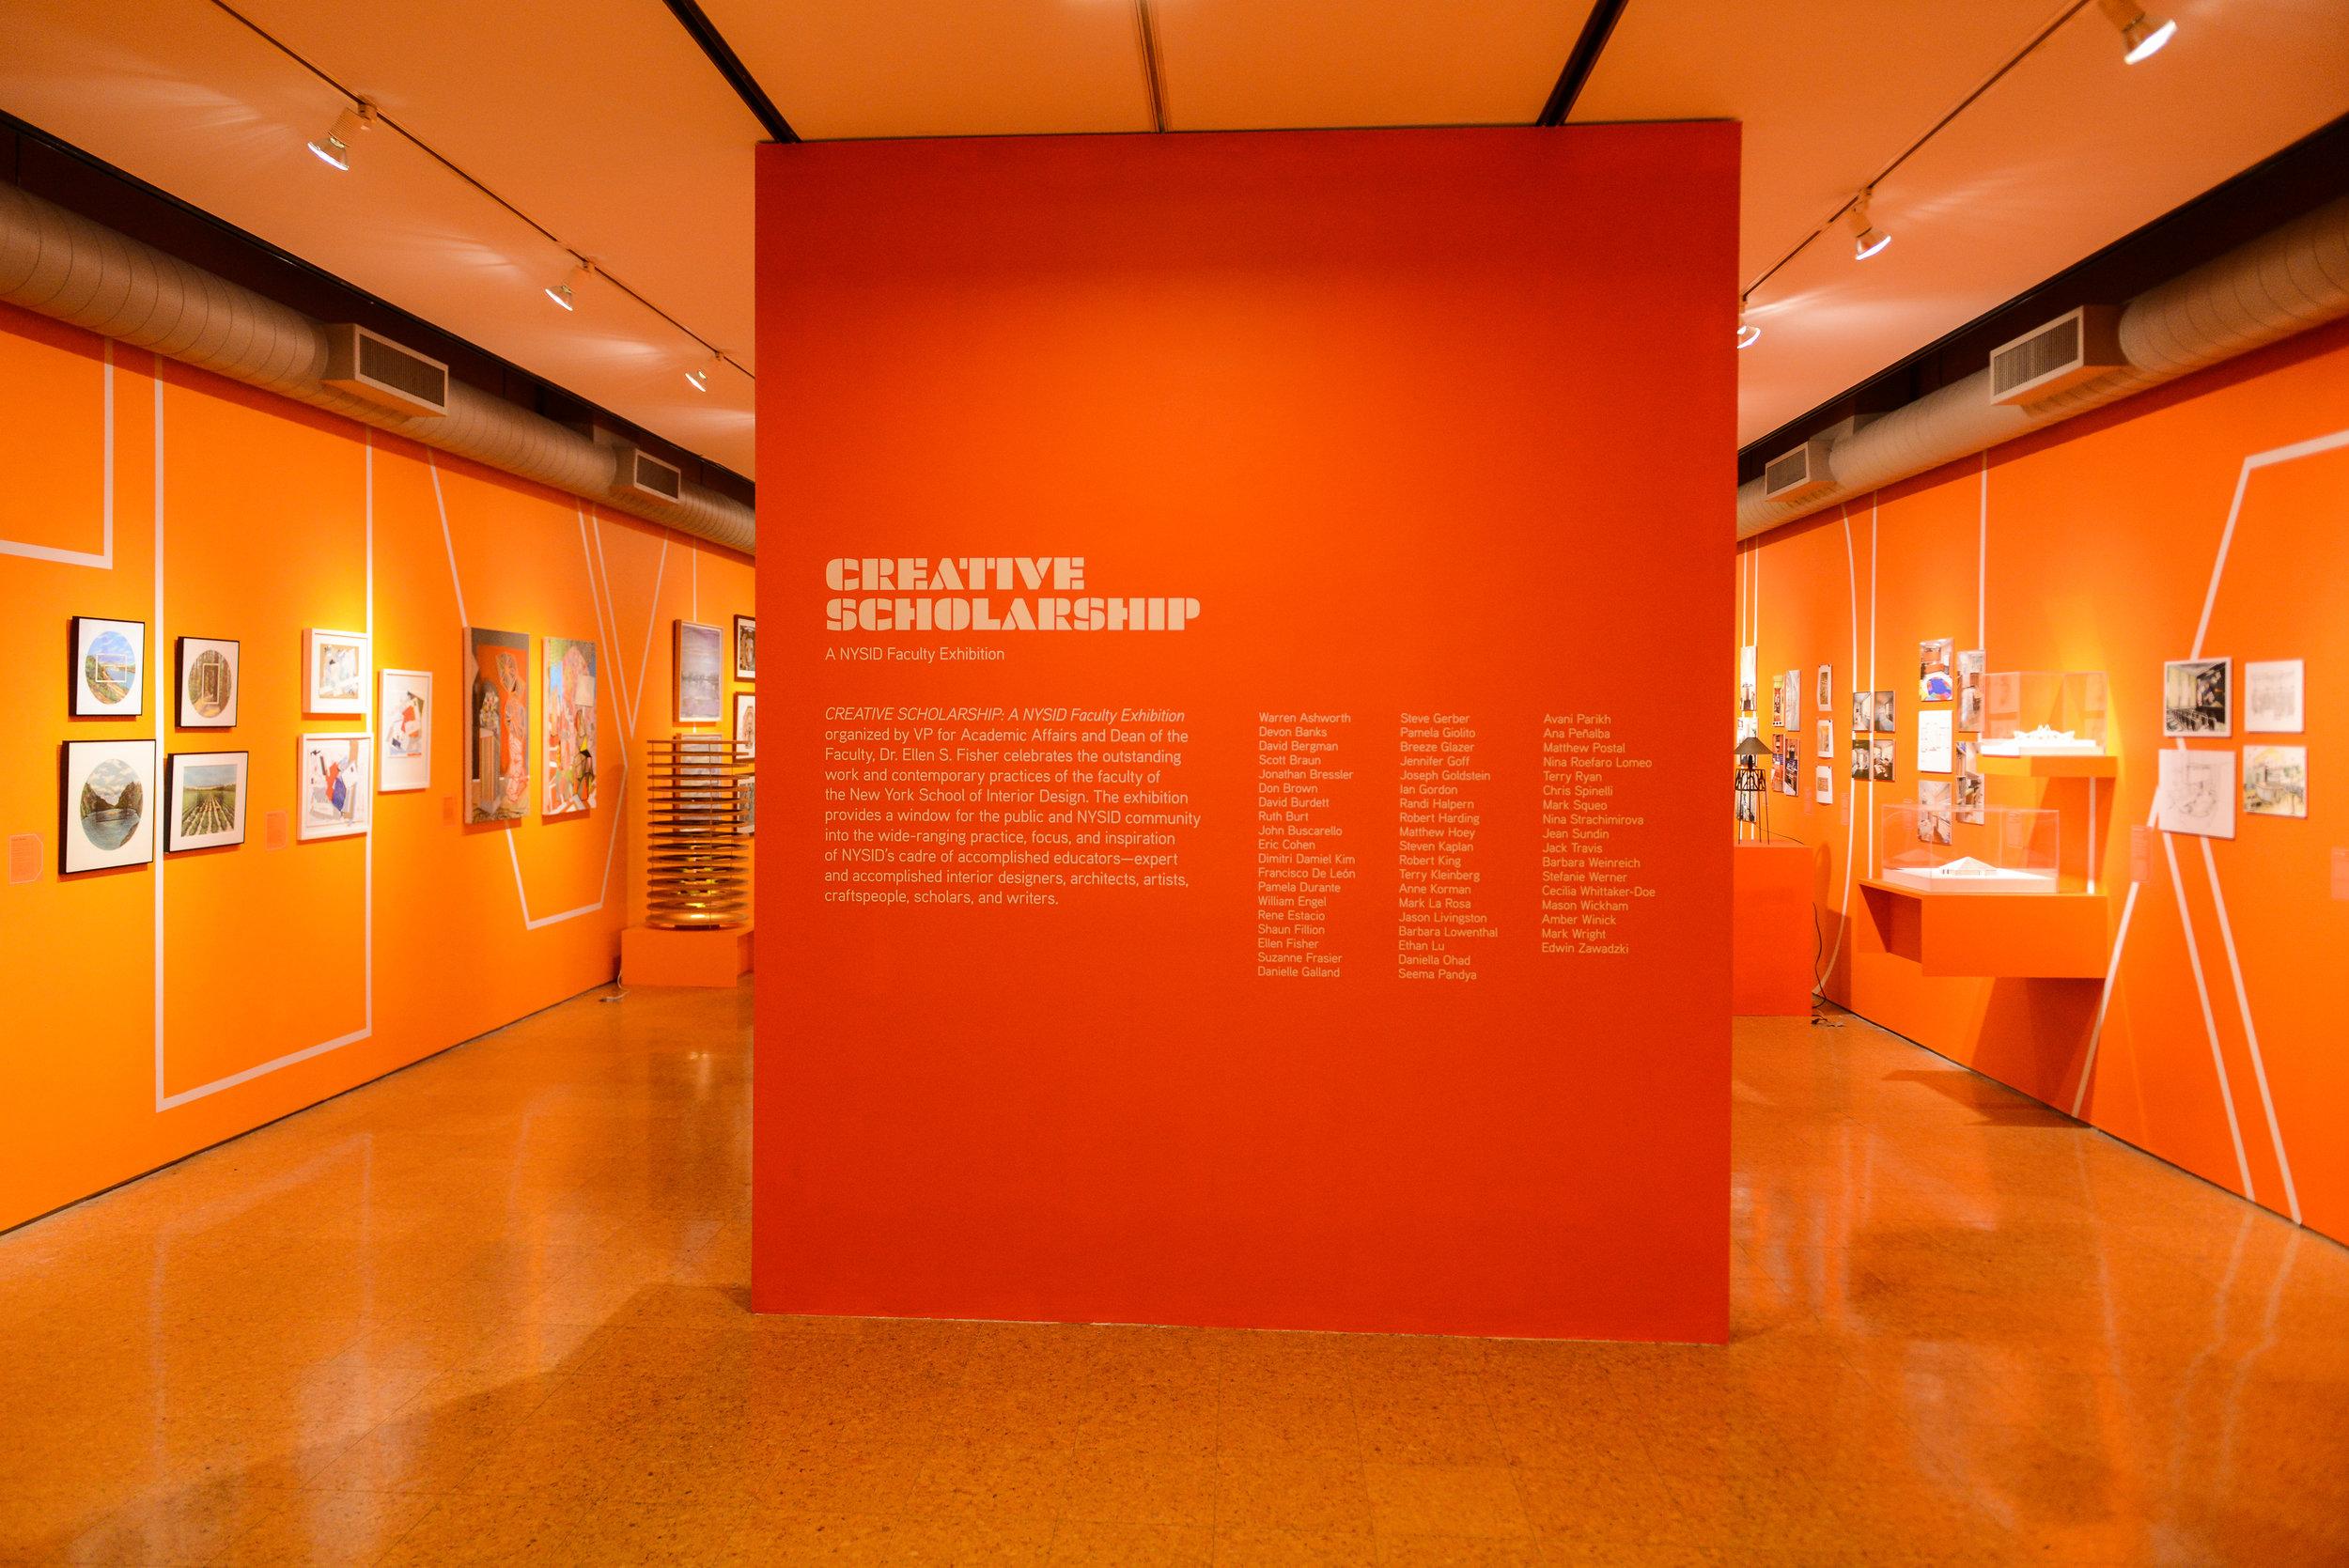 creative-scholarship-a-nysid-faculty-exhibition_37256080680_o[1].jpg